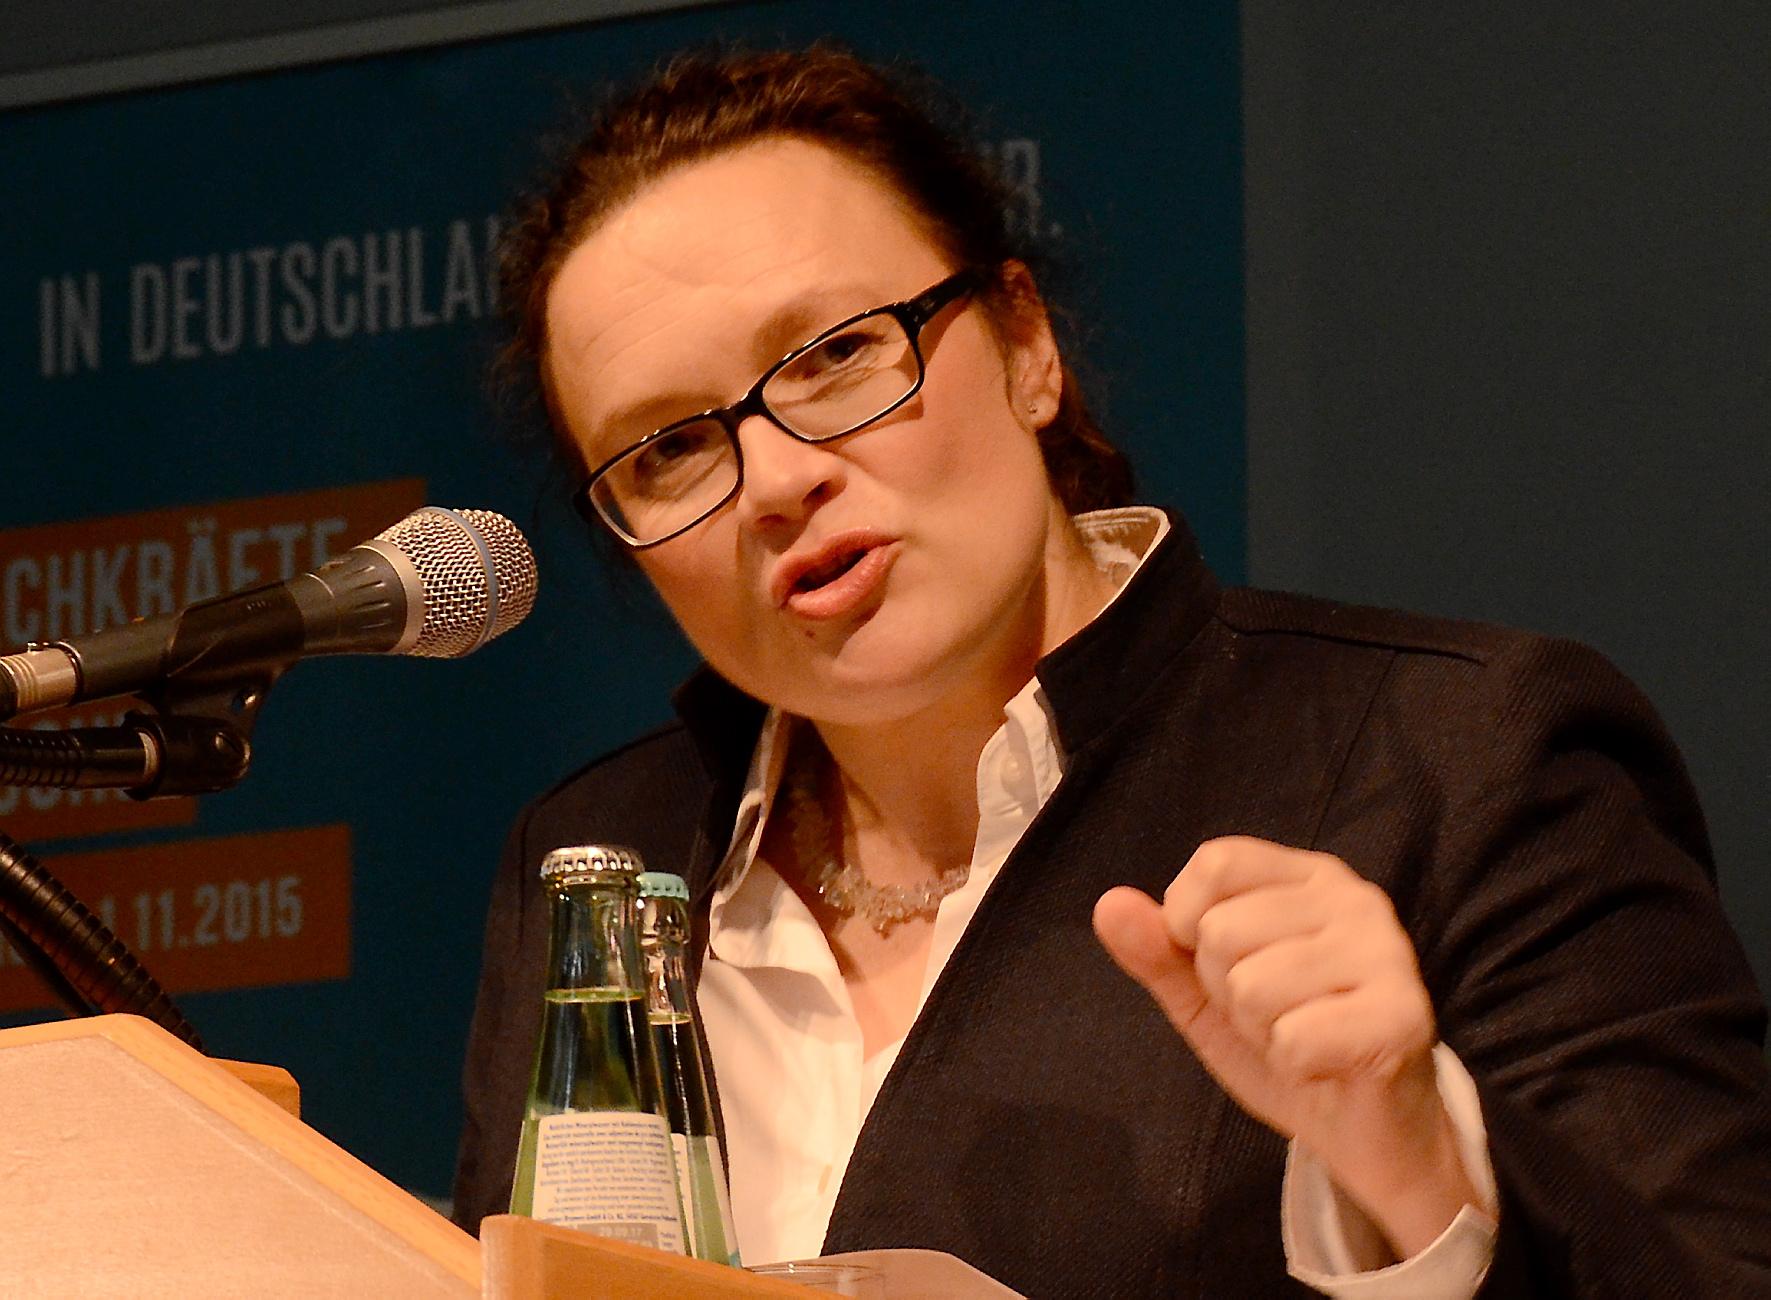 Deutschland – Industrie und Digitalisierung – die Politik hat keine Antworten. Früher erlebte man in seinem Leben eine Welt – heute sind es drei, vier vielleicht sogar fünf Welten in einem Leben.